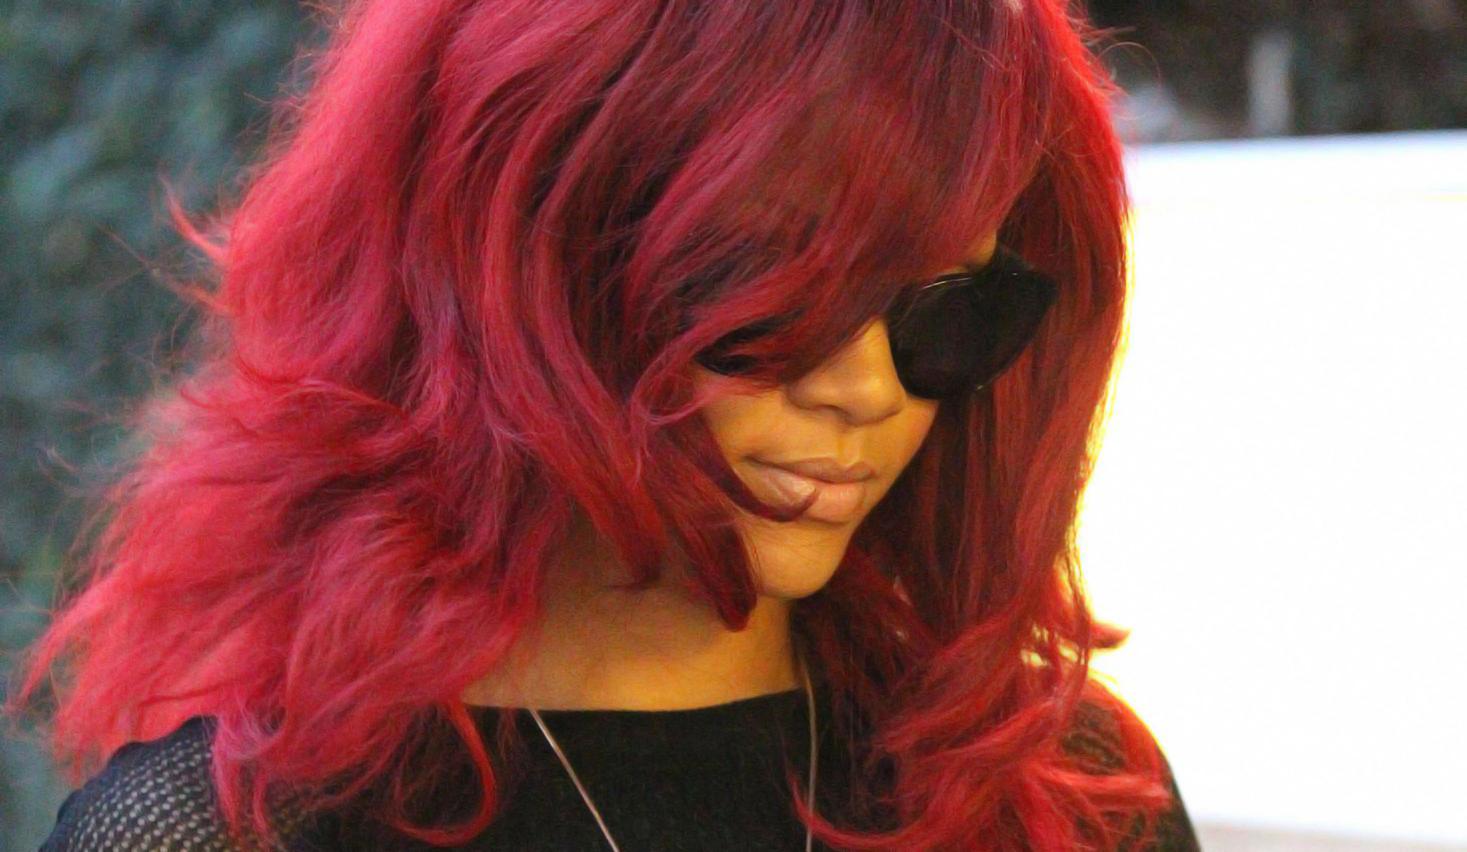 http://3.bp.blogspot.com/_Y5-4Z4aPcOI/TUhgJ8DqgFI/AAAAAAAABPo/7ZDLiXUXpSk/s1600/New+Rihanna+-+FreeHD.Blogspot.Com+%25285%2529.jpg